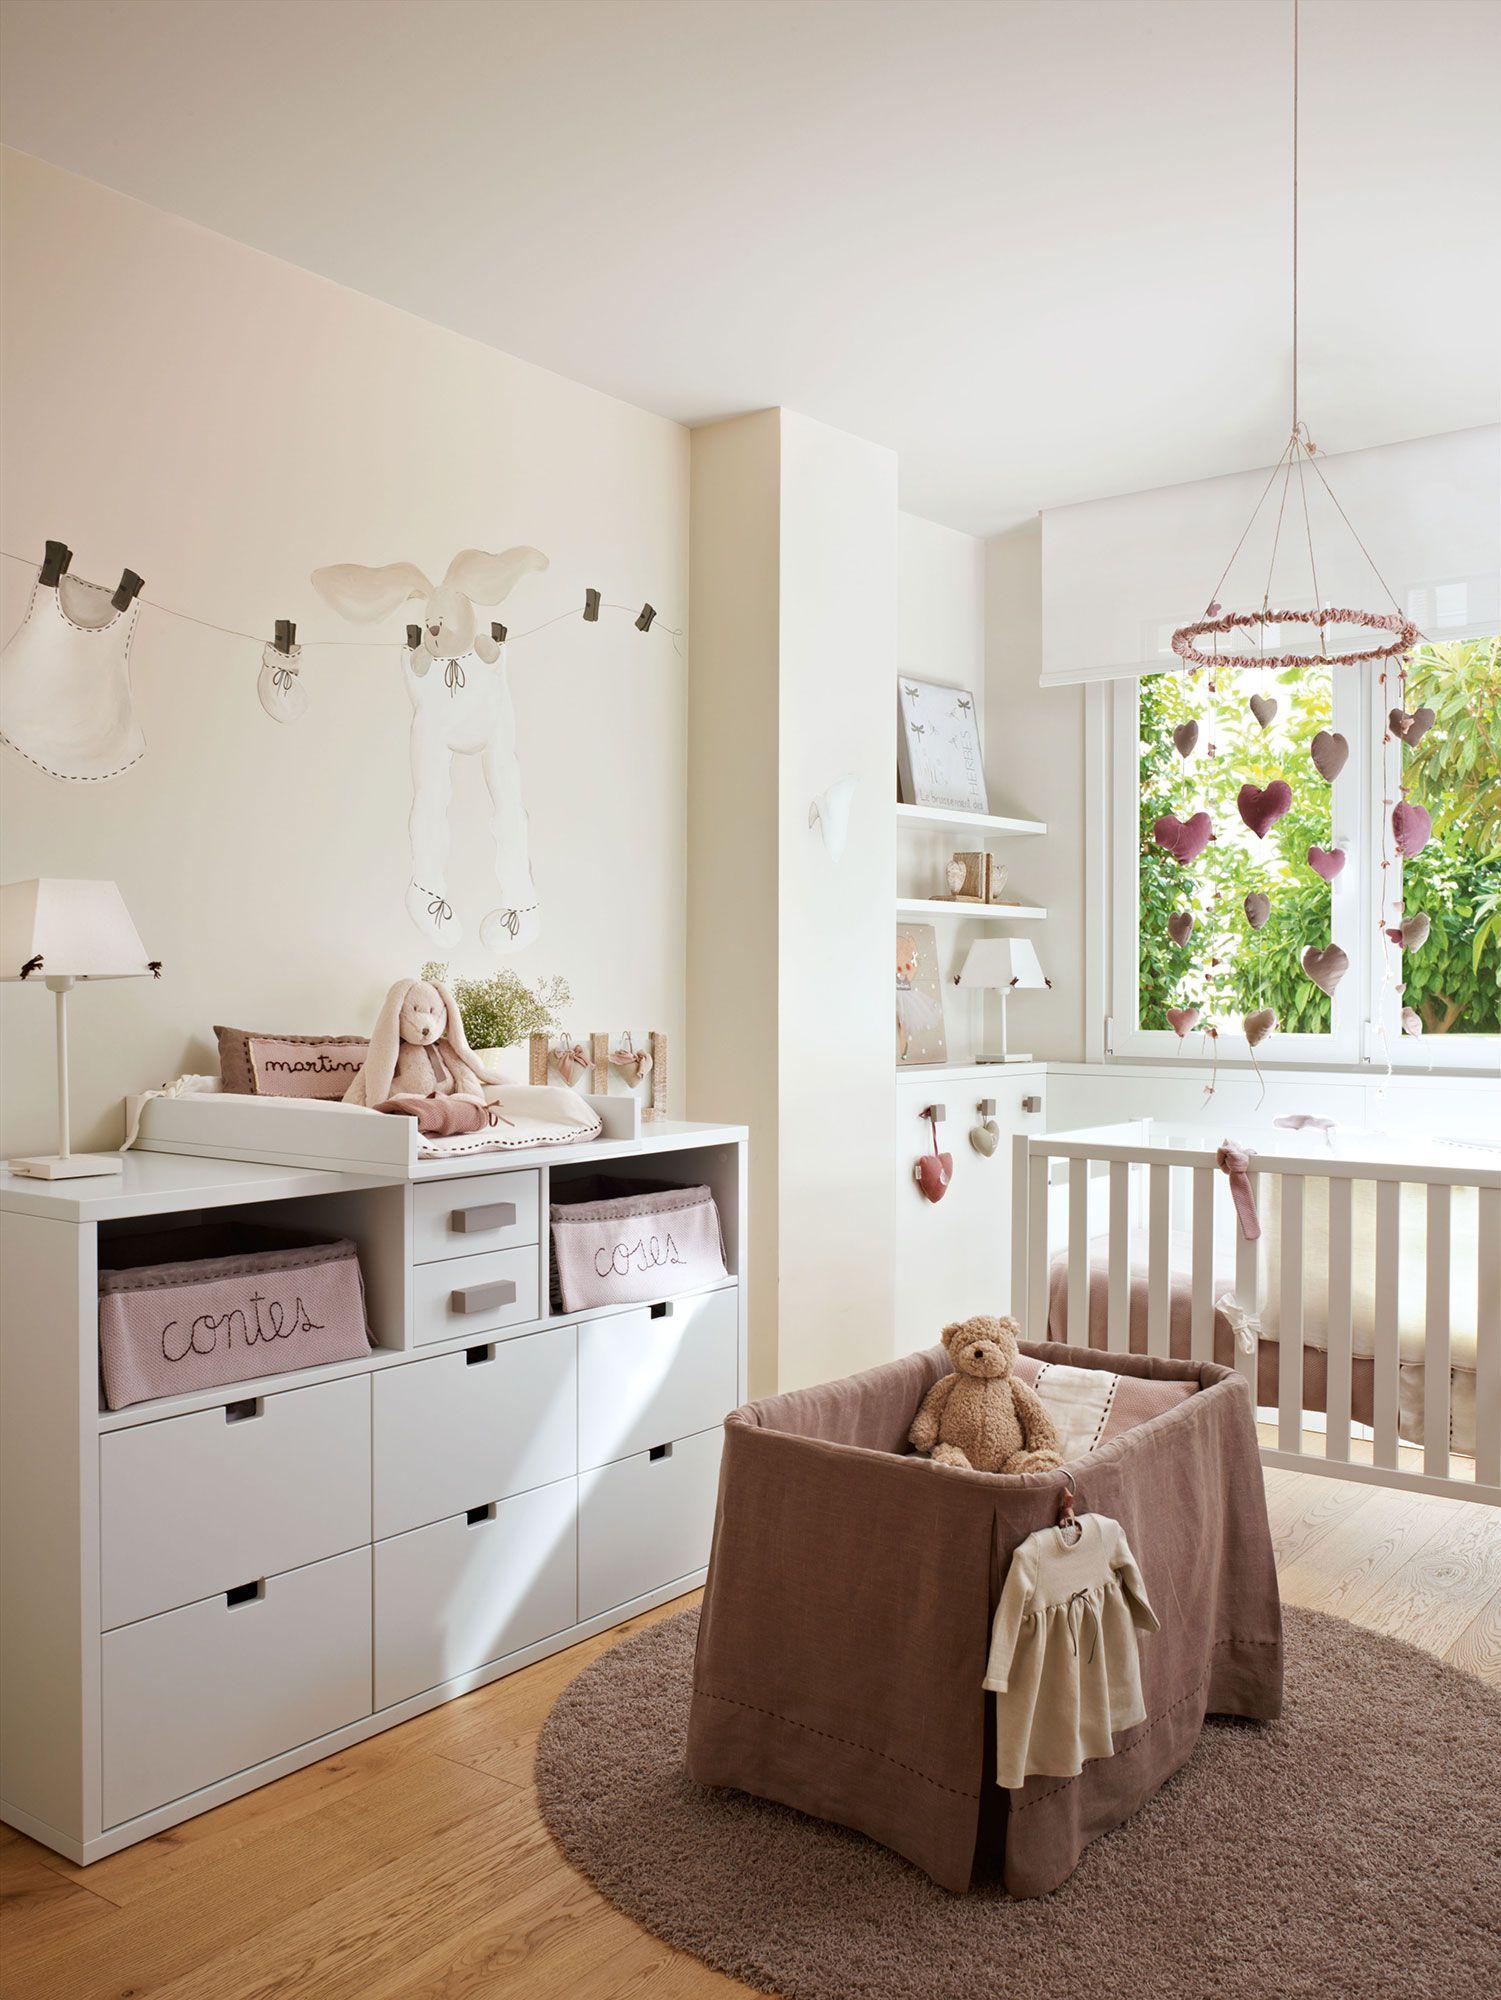 Claves Para Decorar La Habitaci N De Los Ni Os De Beb A  ~ Como Decorar La Habitacion Del Bebe